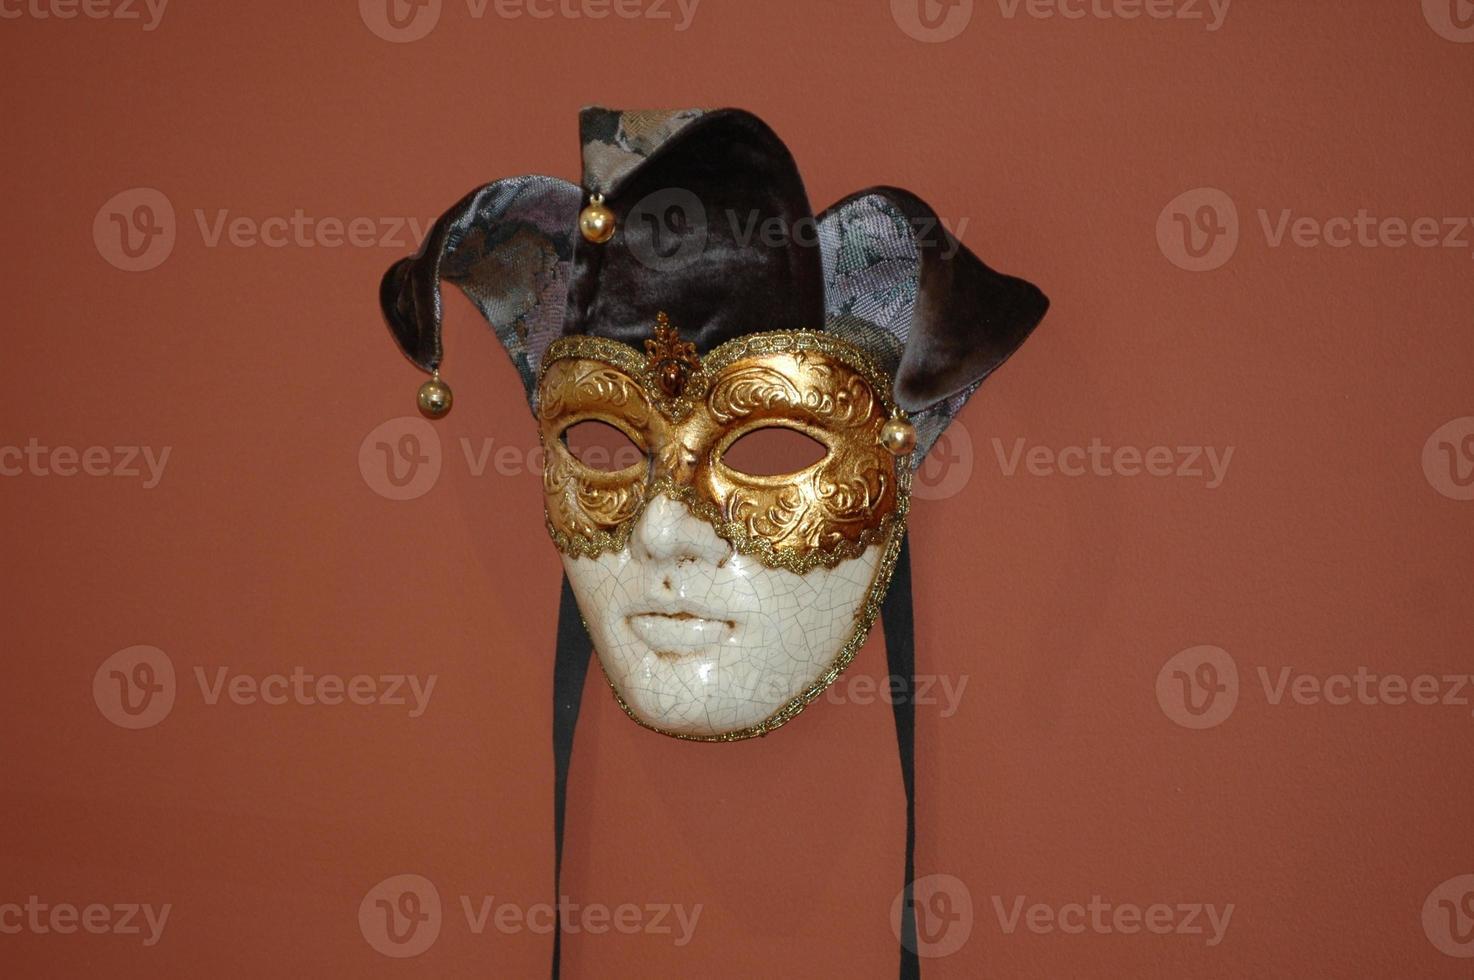 máscara de carnaval de Veneza, Itália foto